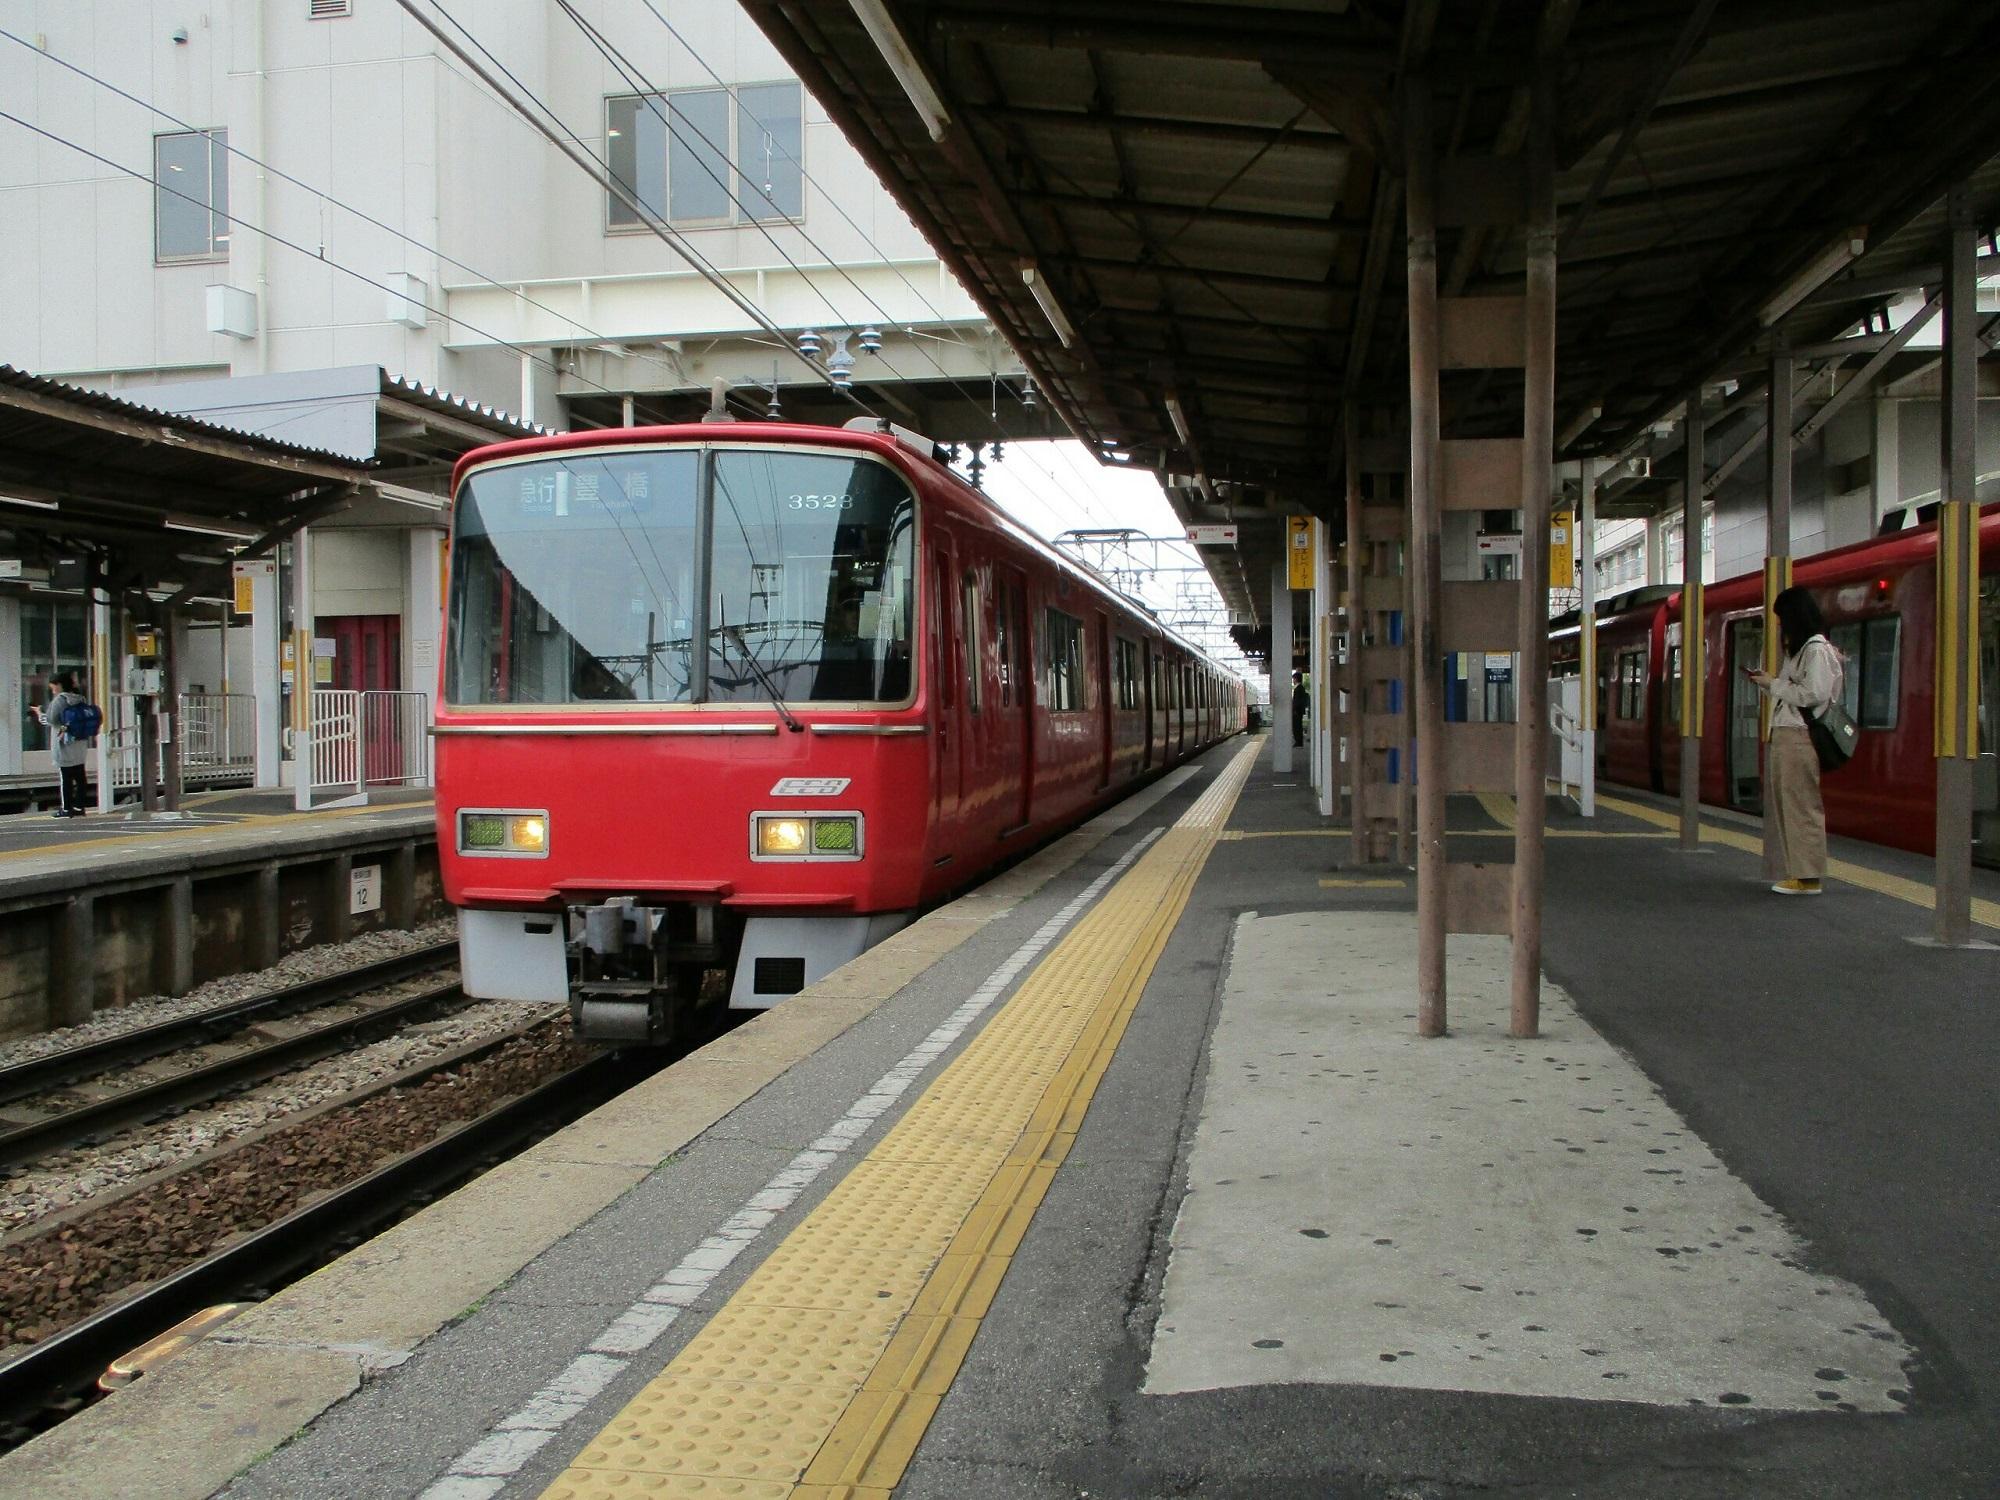 2019.4.19 (6) しんあんじょう - 豊橋いき急行 2000-1500